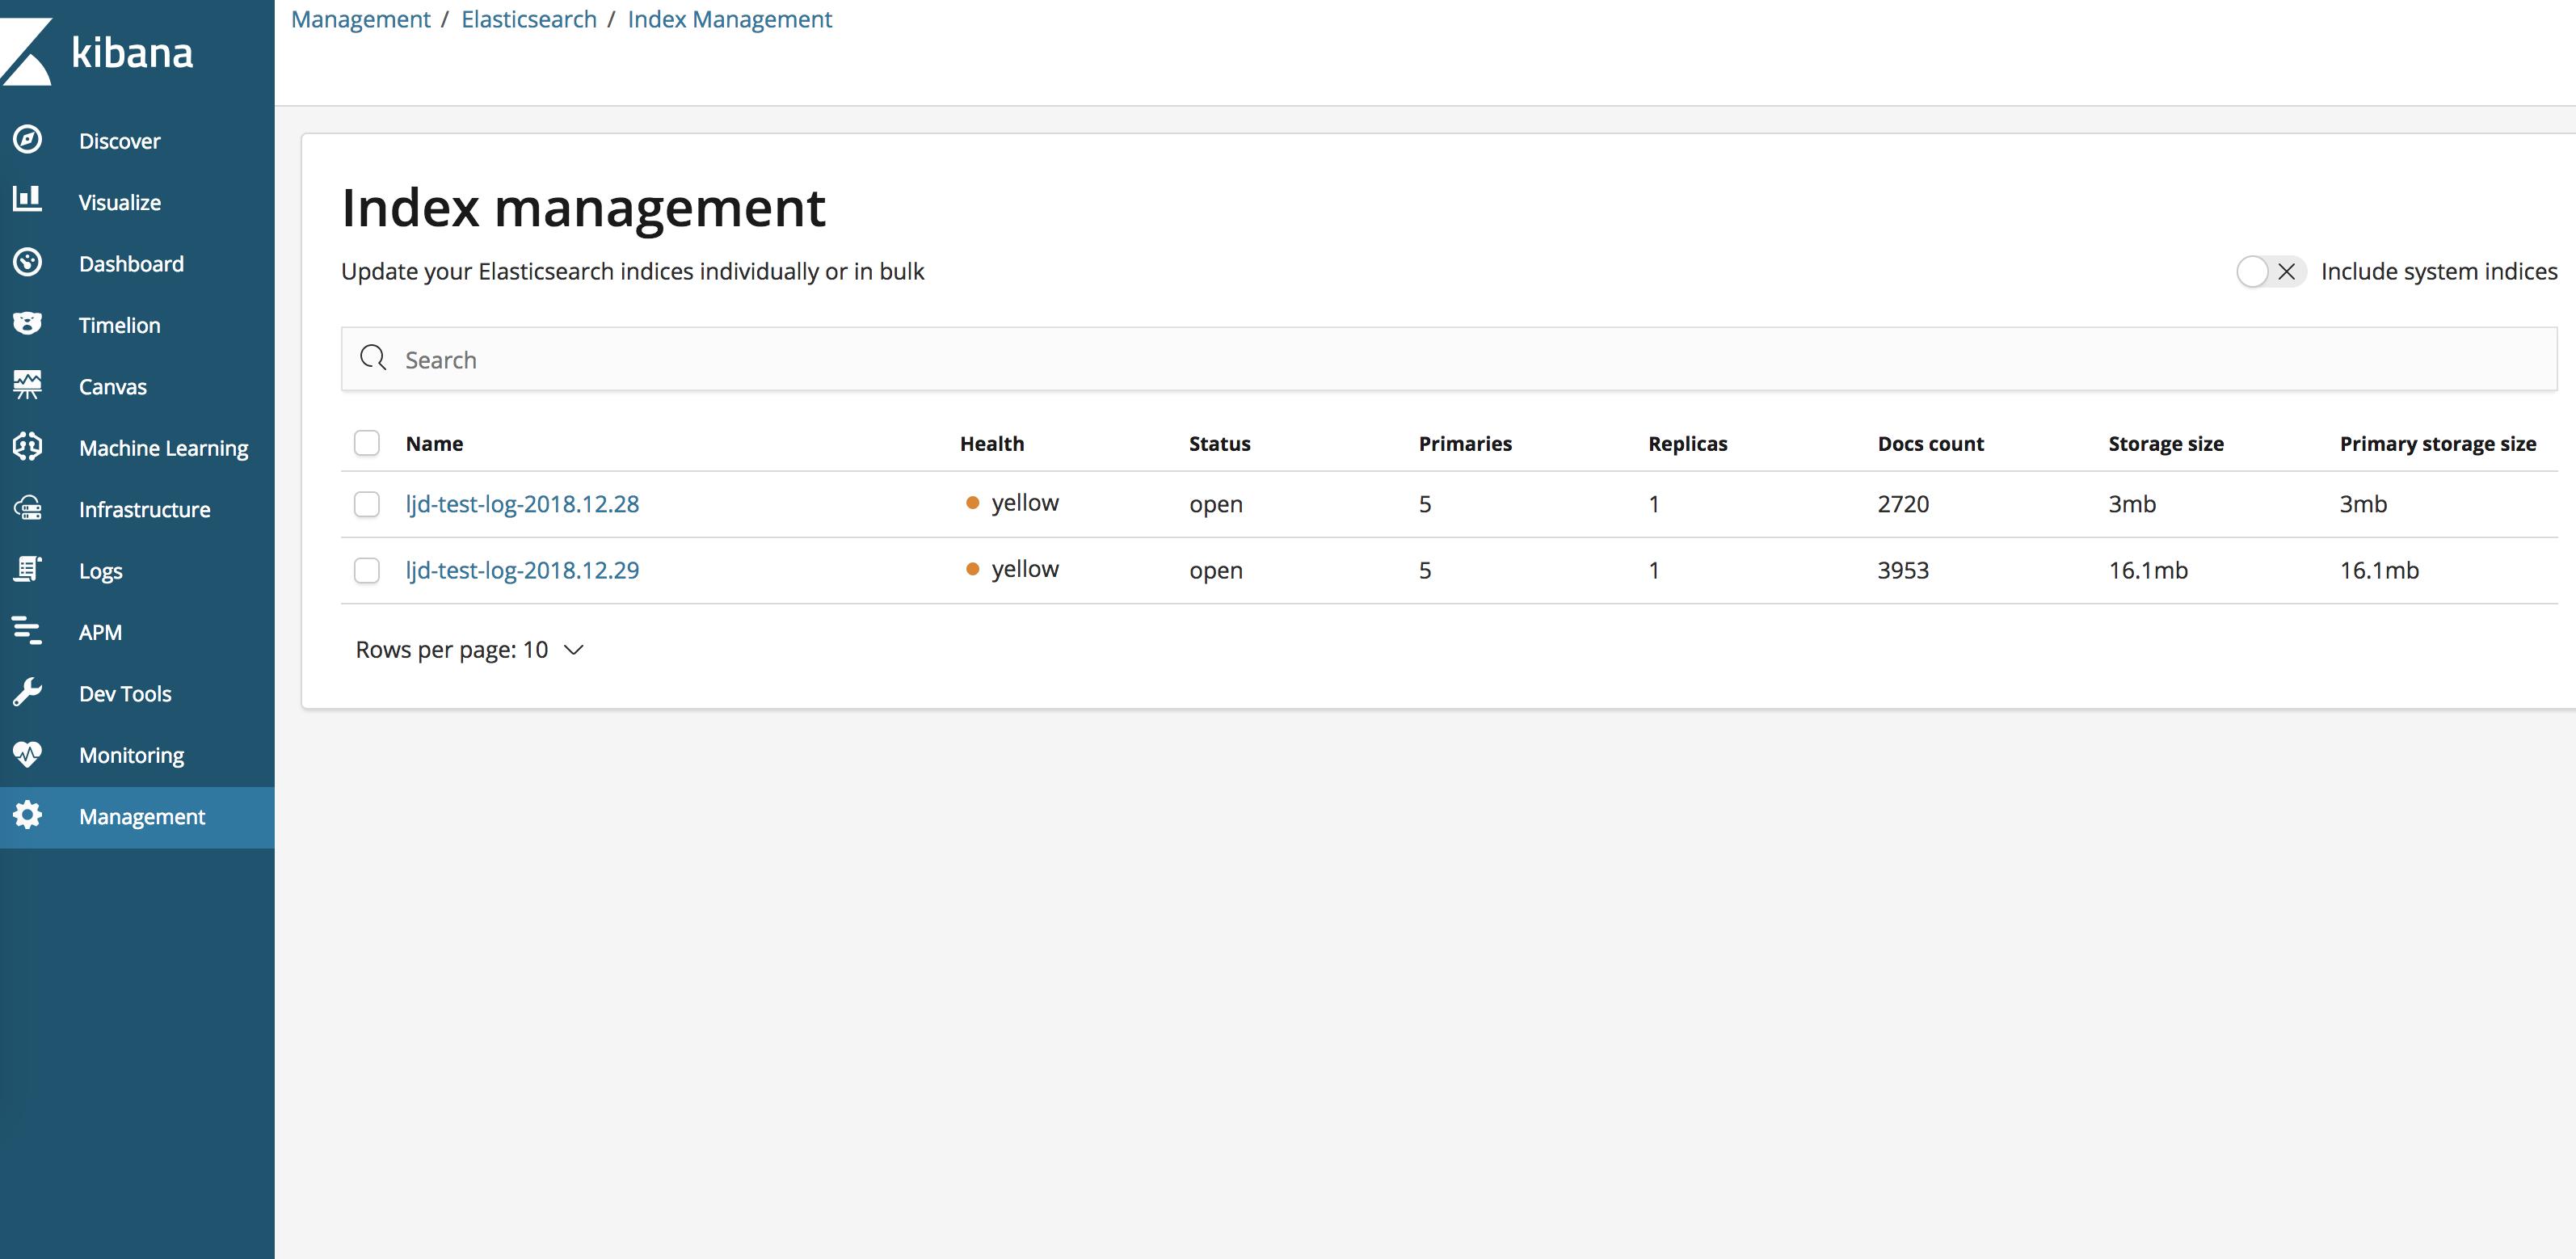 Build a docker-based elk platform to analyze java logs - Programmer